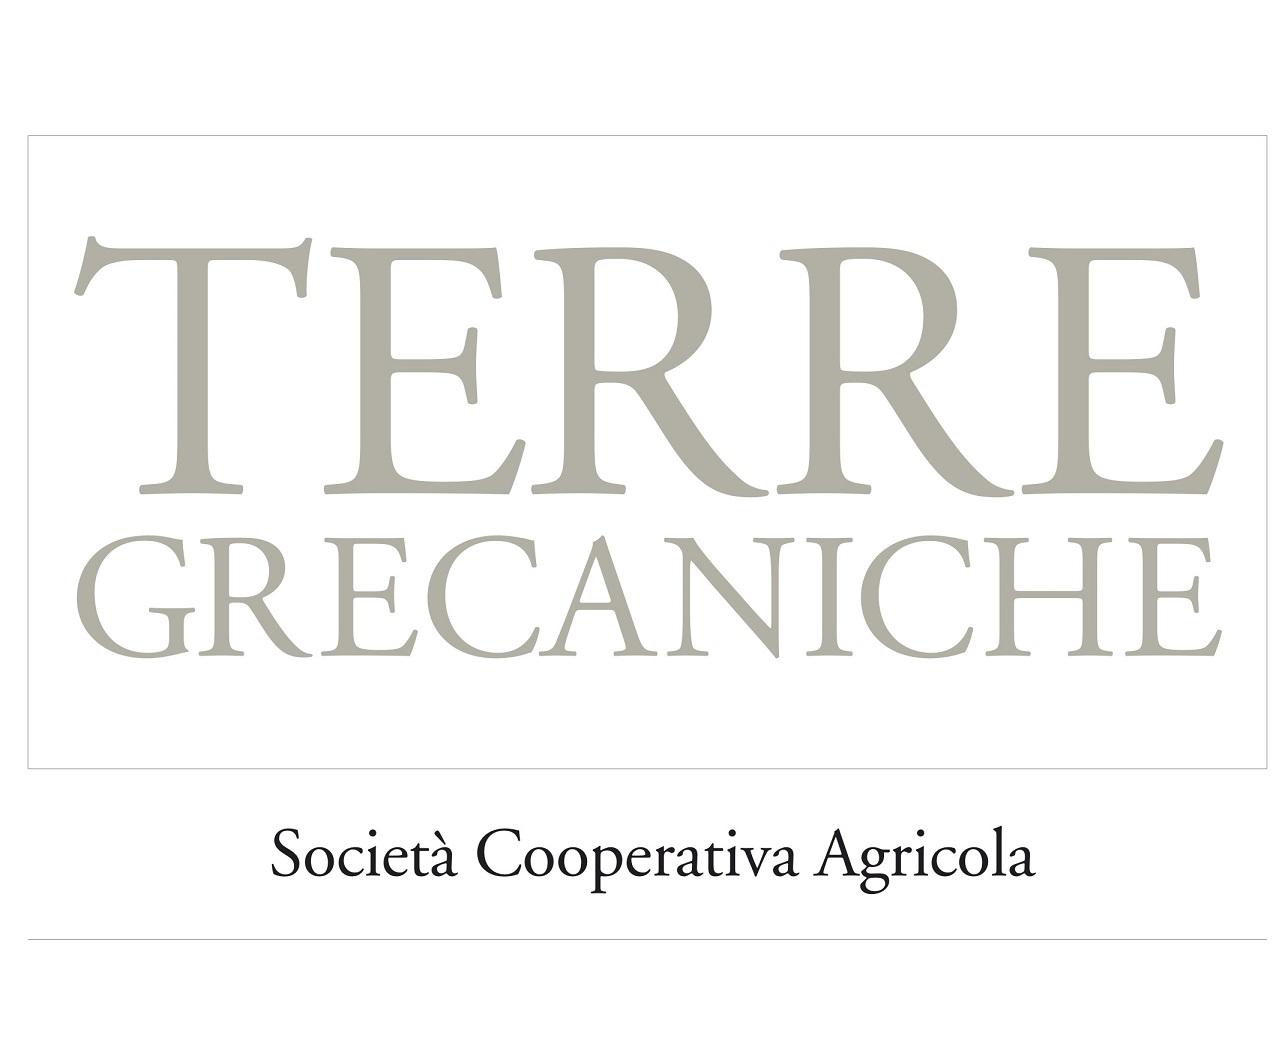 TERRE GRECANICHE